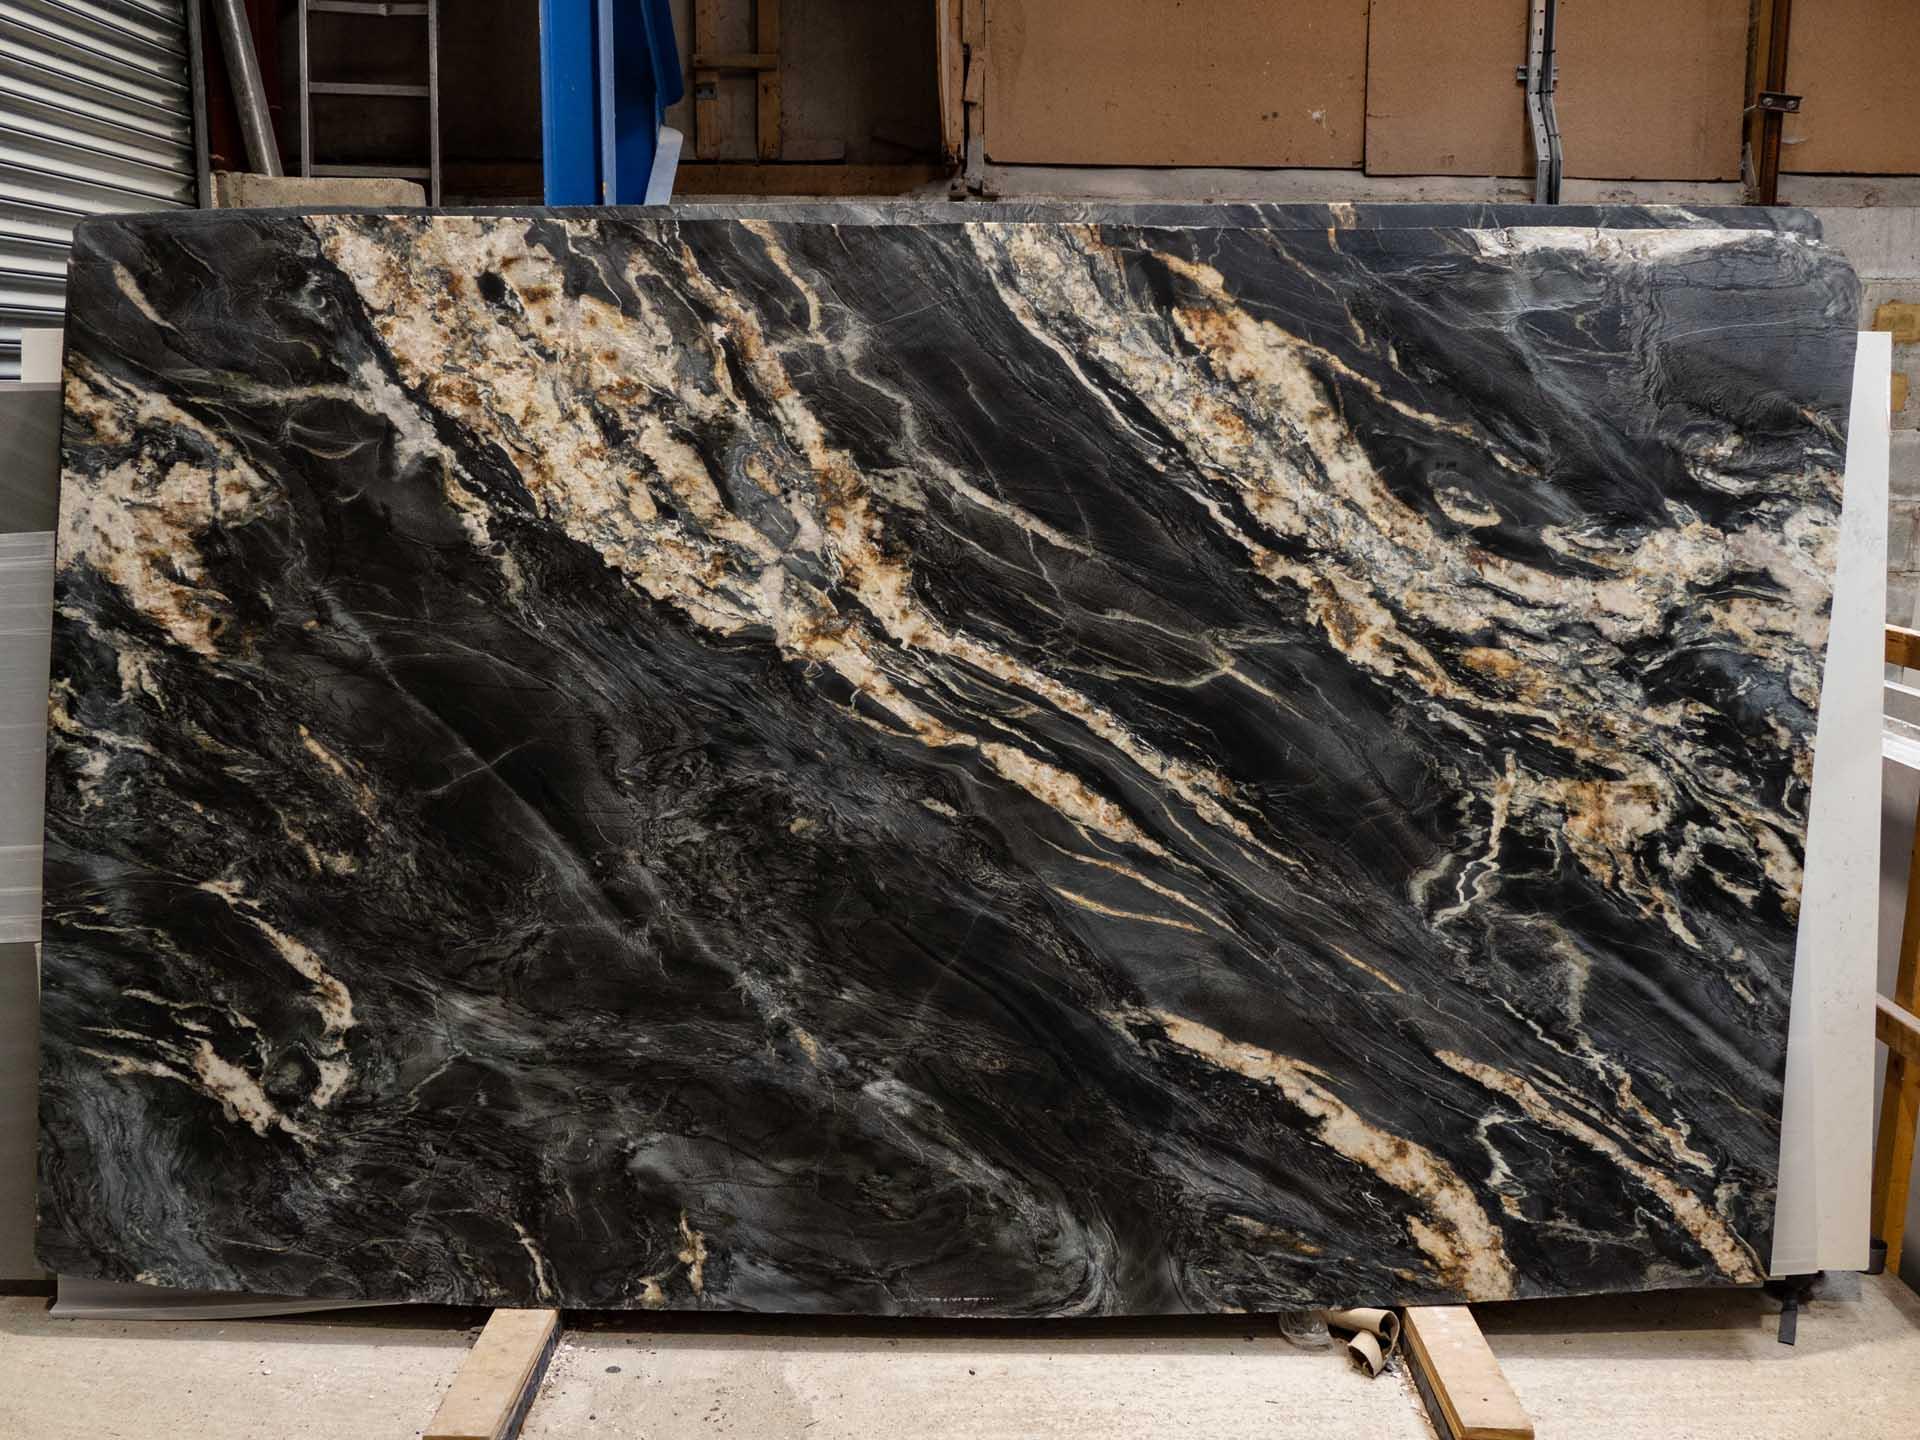 belvedere-granite-leather-s2180601-33305-151716-a